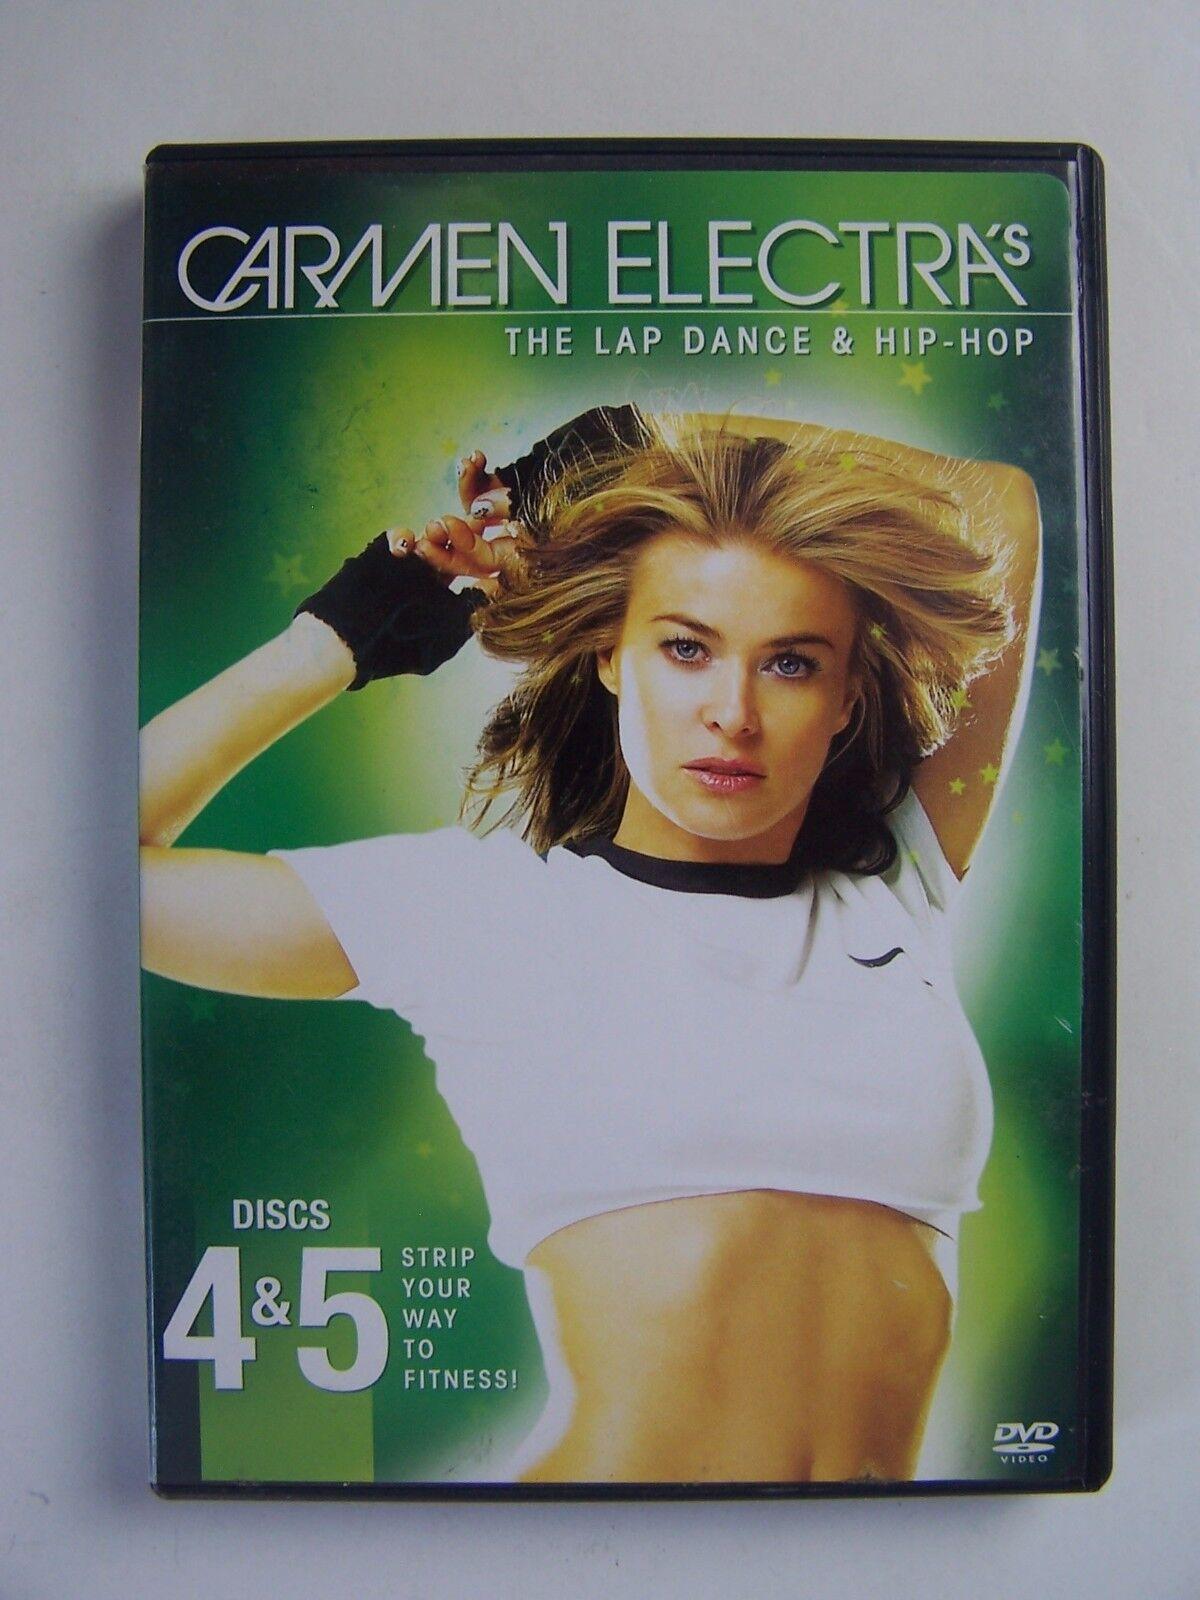 Carmen Electra's The Lap Dance & Hip Hop Disc 4&5 DVD 8